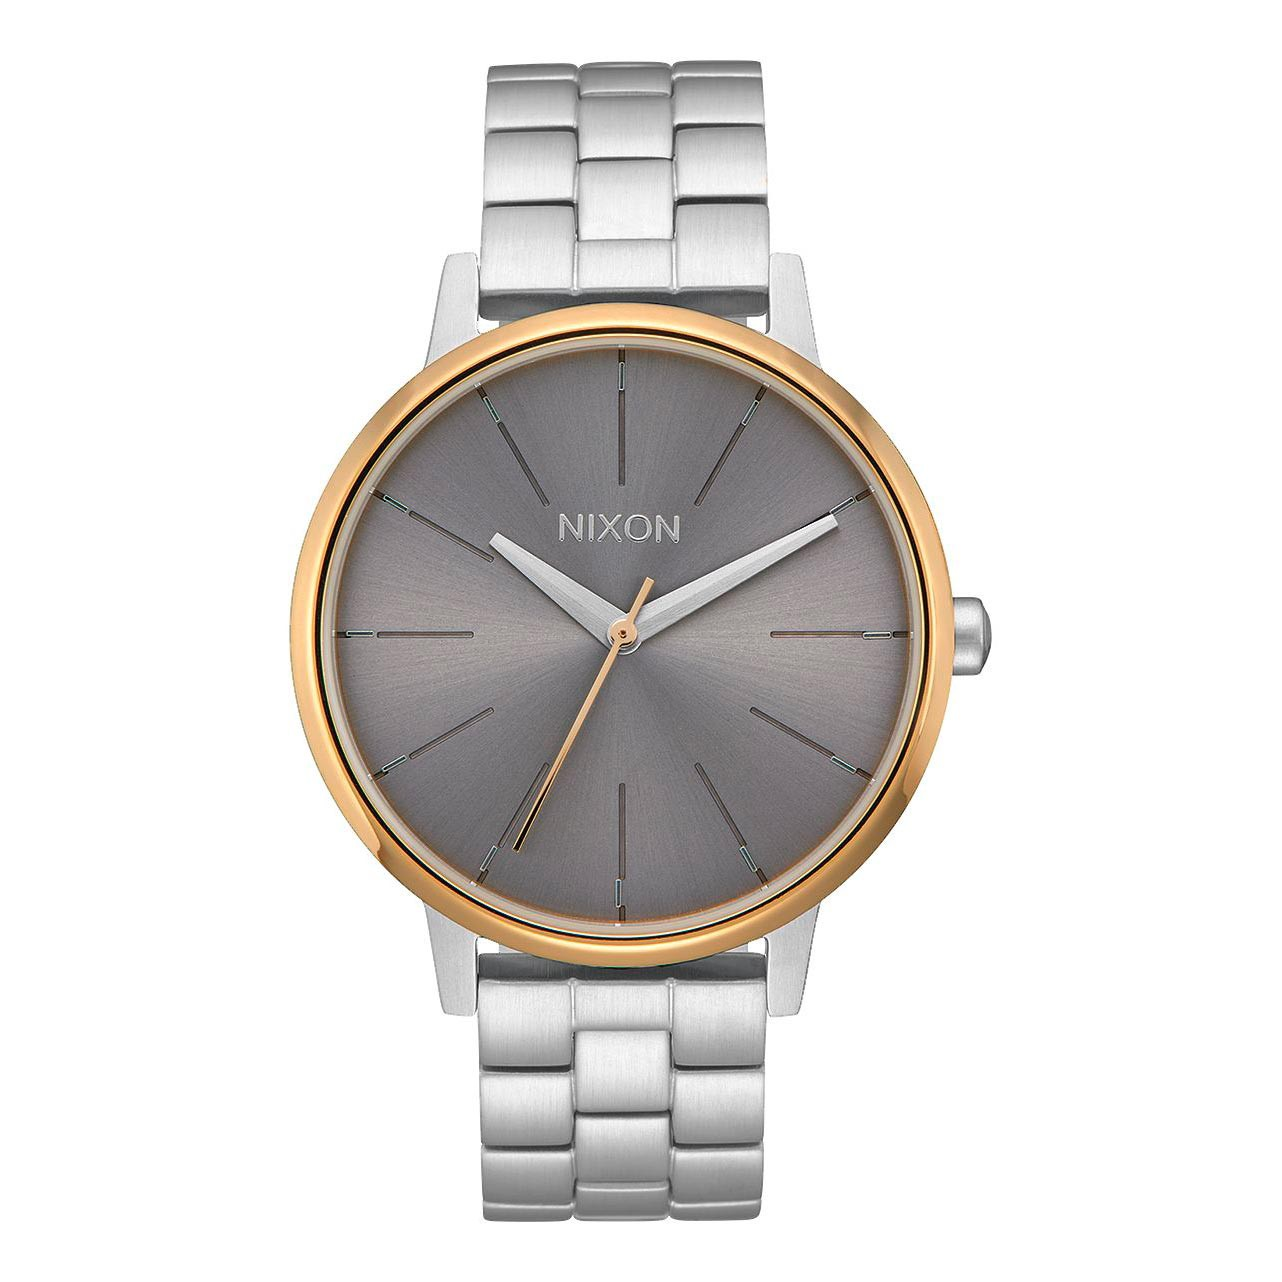 Hodinky Nixon Kensington silver/gold/grey vel.ocel 16 + doručení do 24 hodin